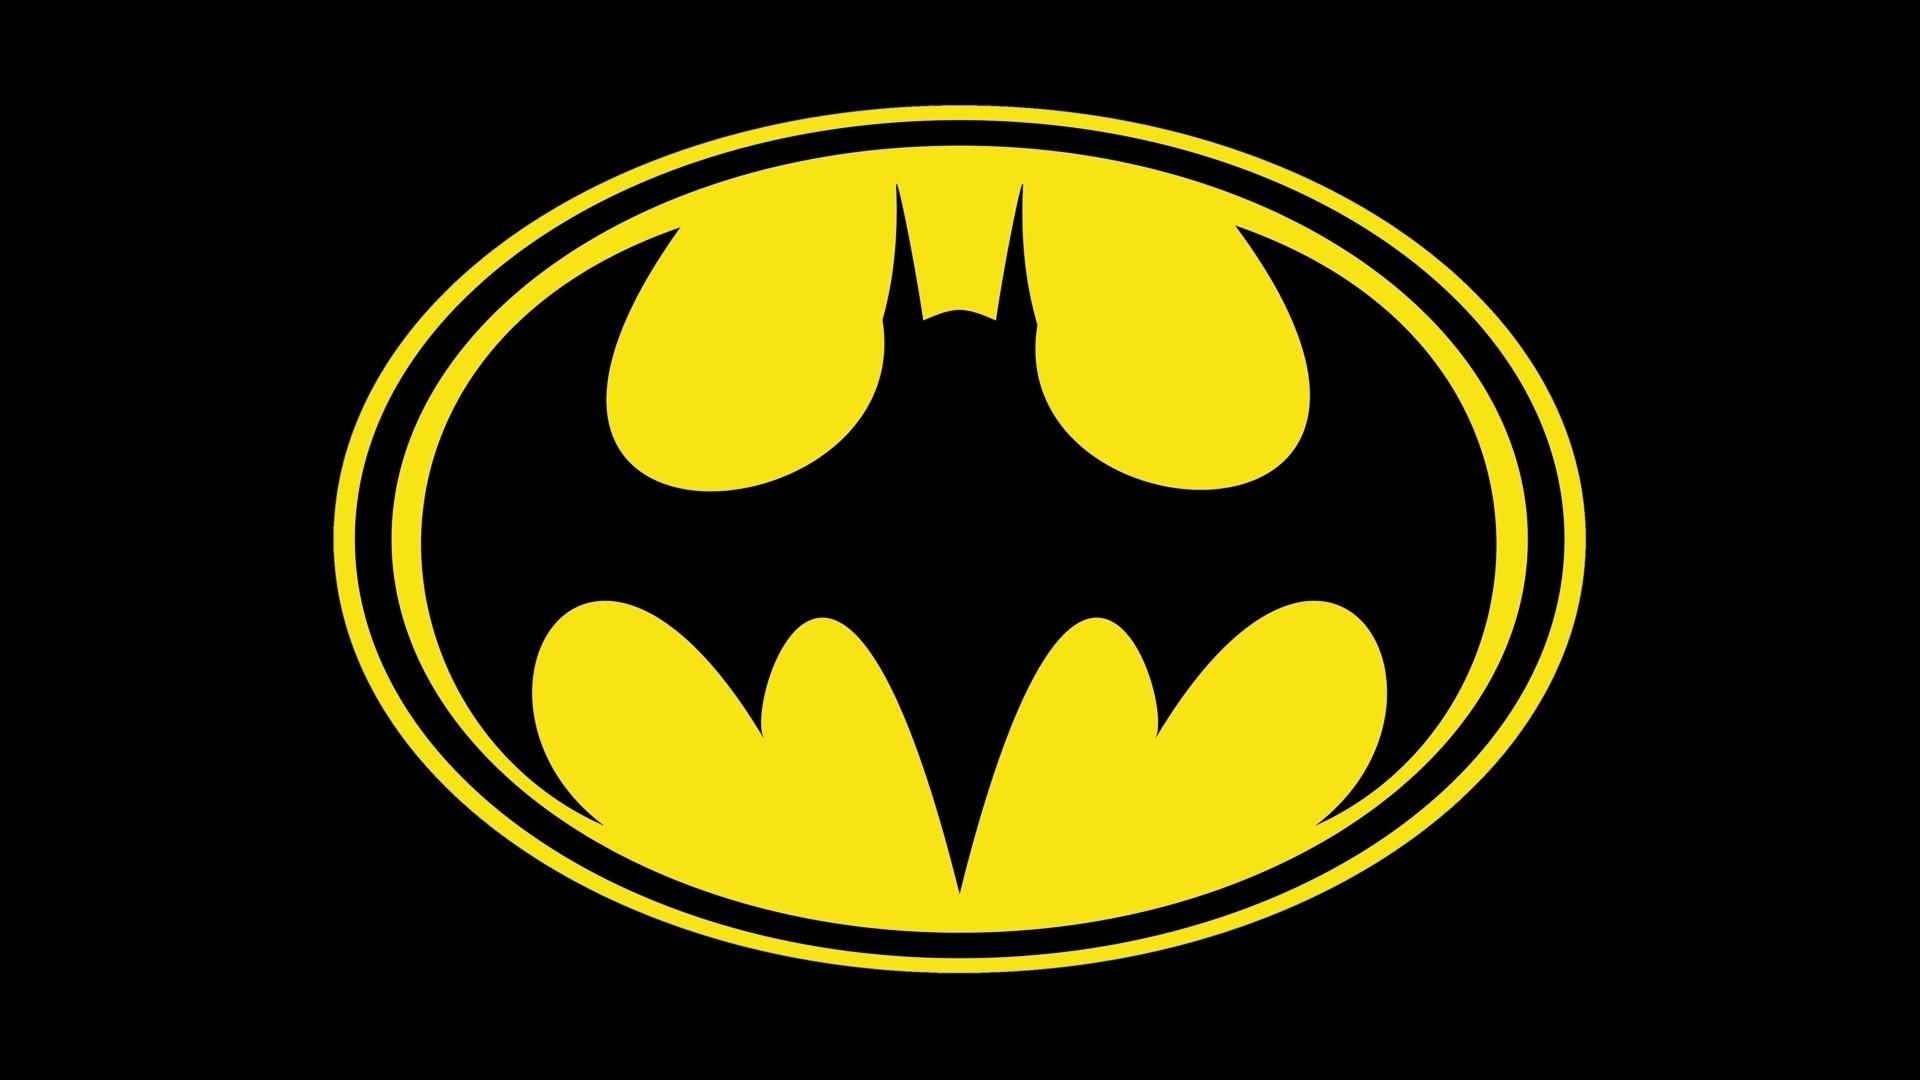 Batman Logo Backgrounds Wallpapercraft 1920x1080